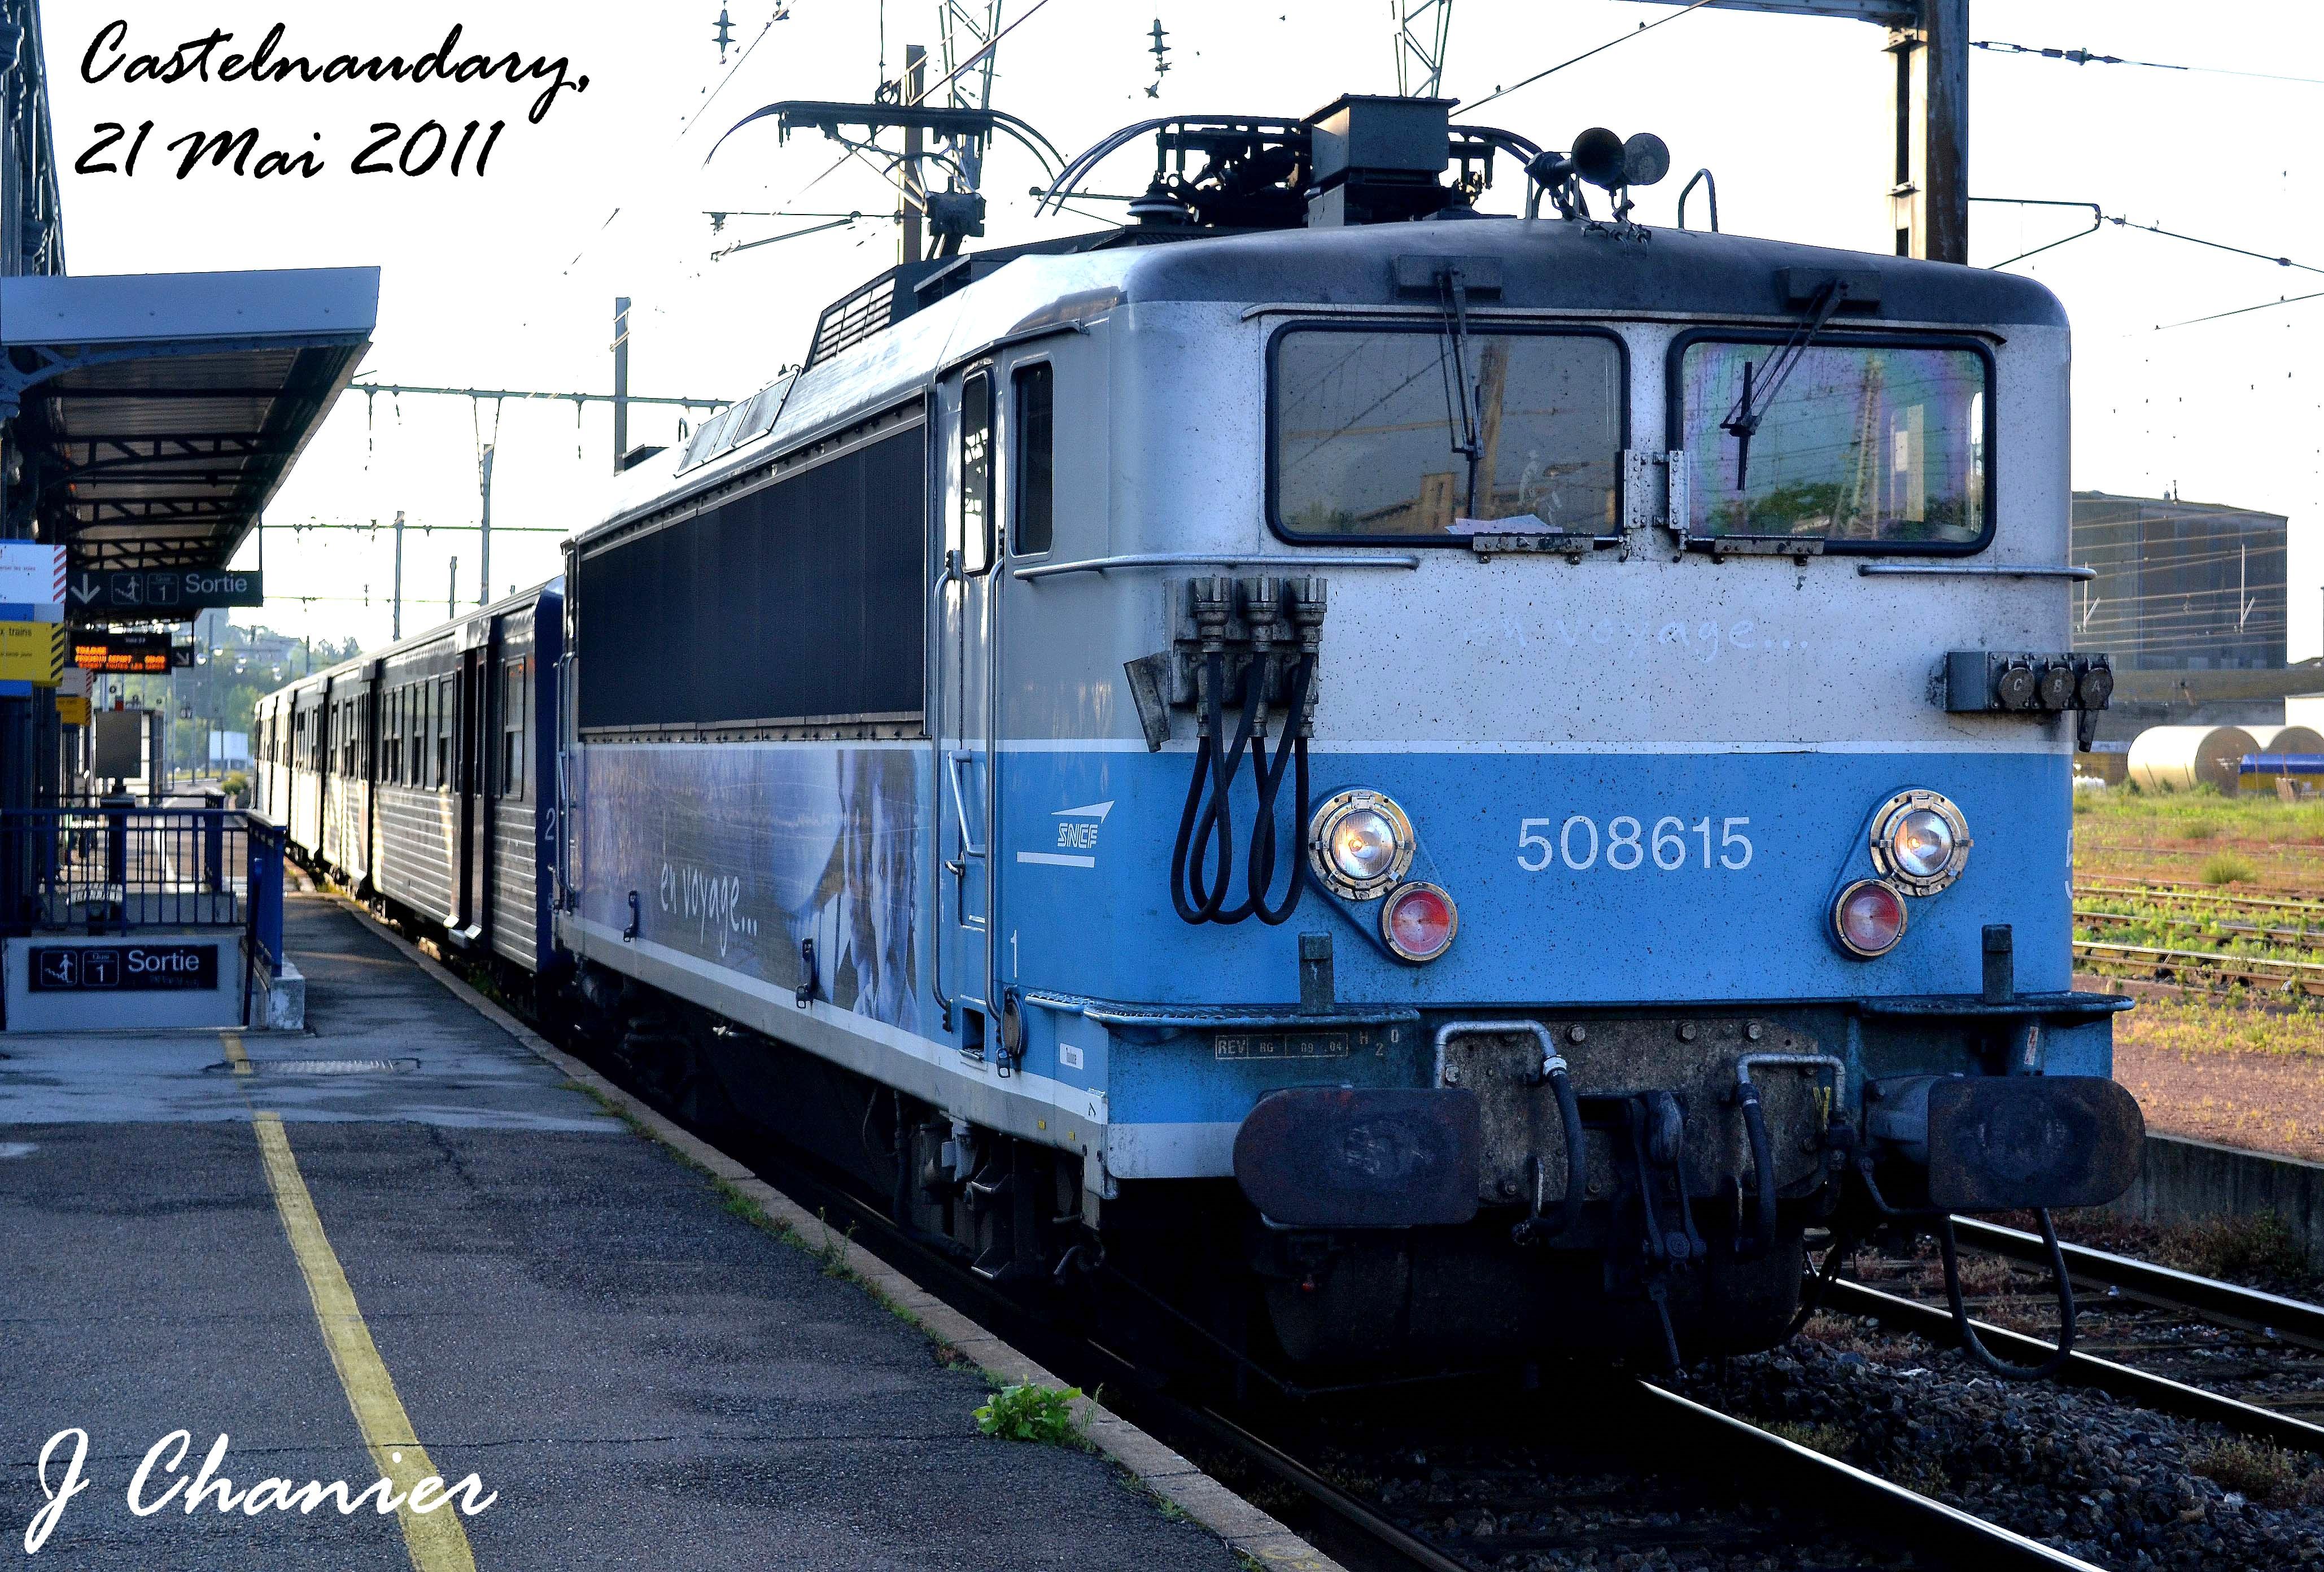 Photos et vidéos de la ligne Bordeaux - Toulouse - Narbonne - Sète (2007-2013) - Page 2 744598CopiedeCHATSLALANDEEGLISEAVIGNONETLAUCASTELNAUDARY044